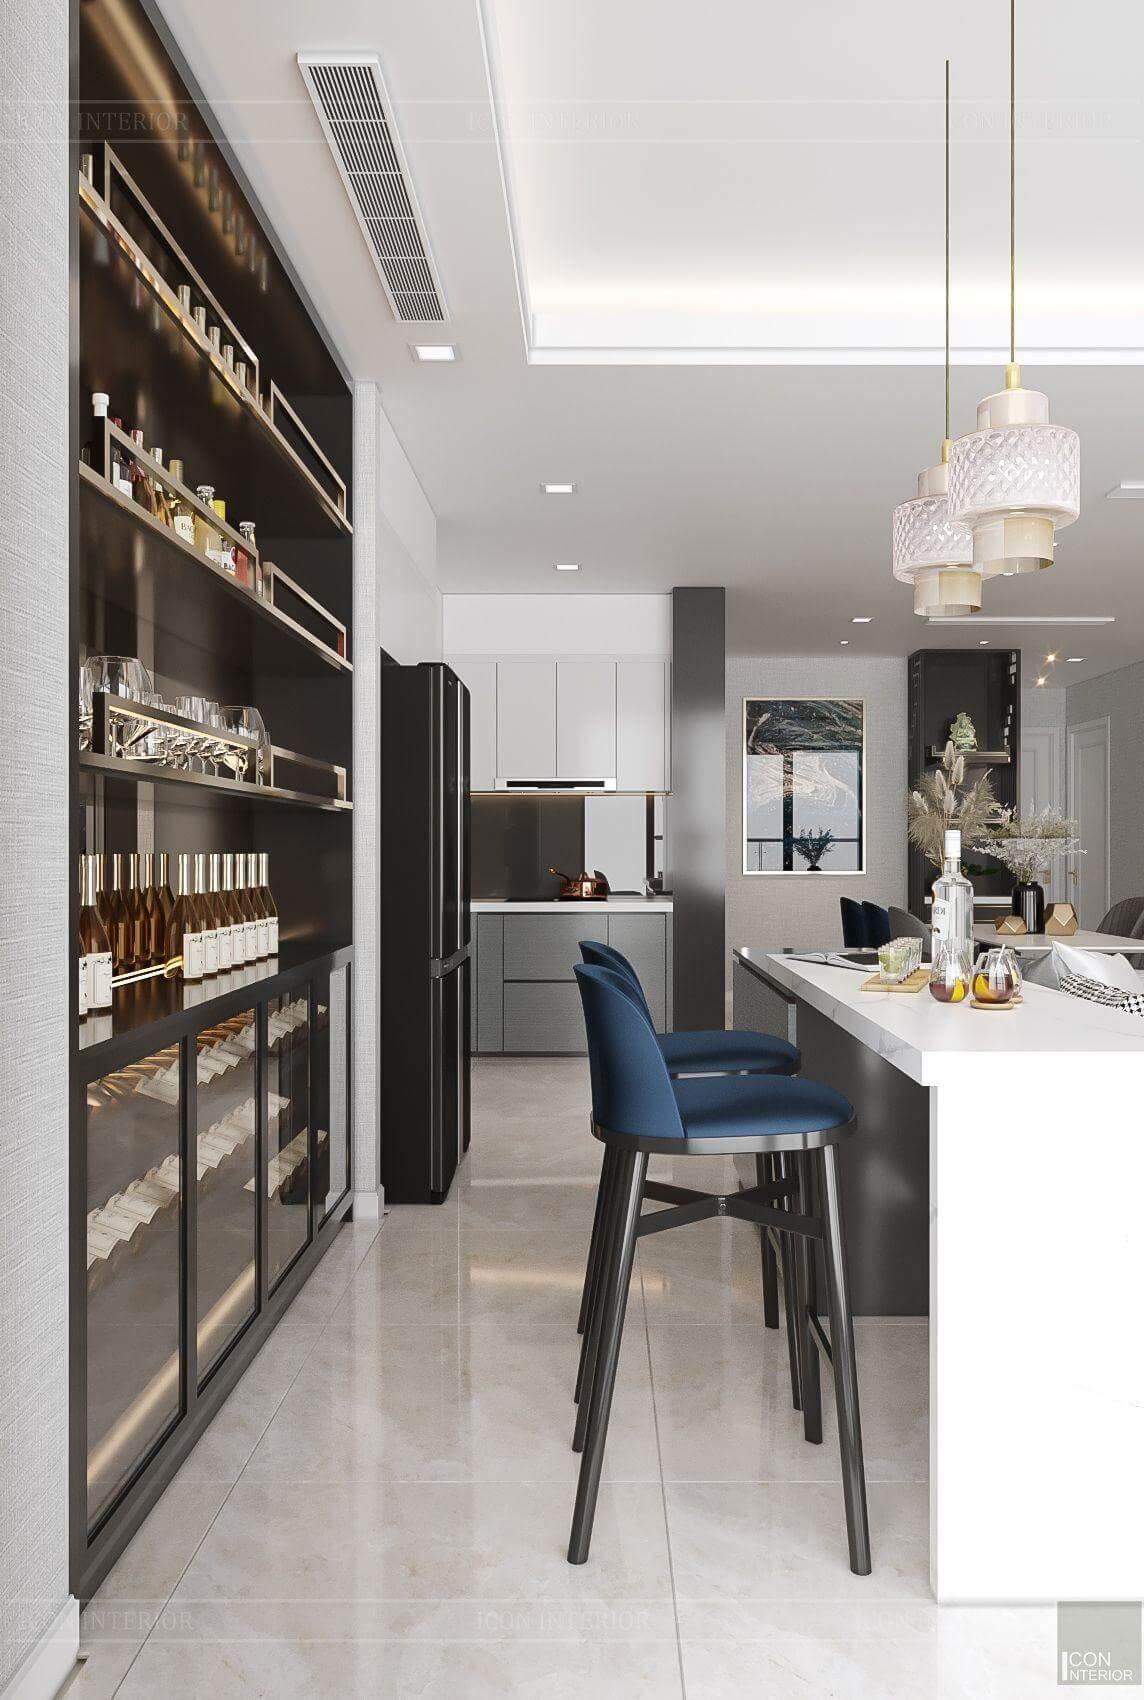 Thiết kế nội thất căn hộ chung cư Vinhomes Ba Son - quầy bar